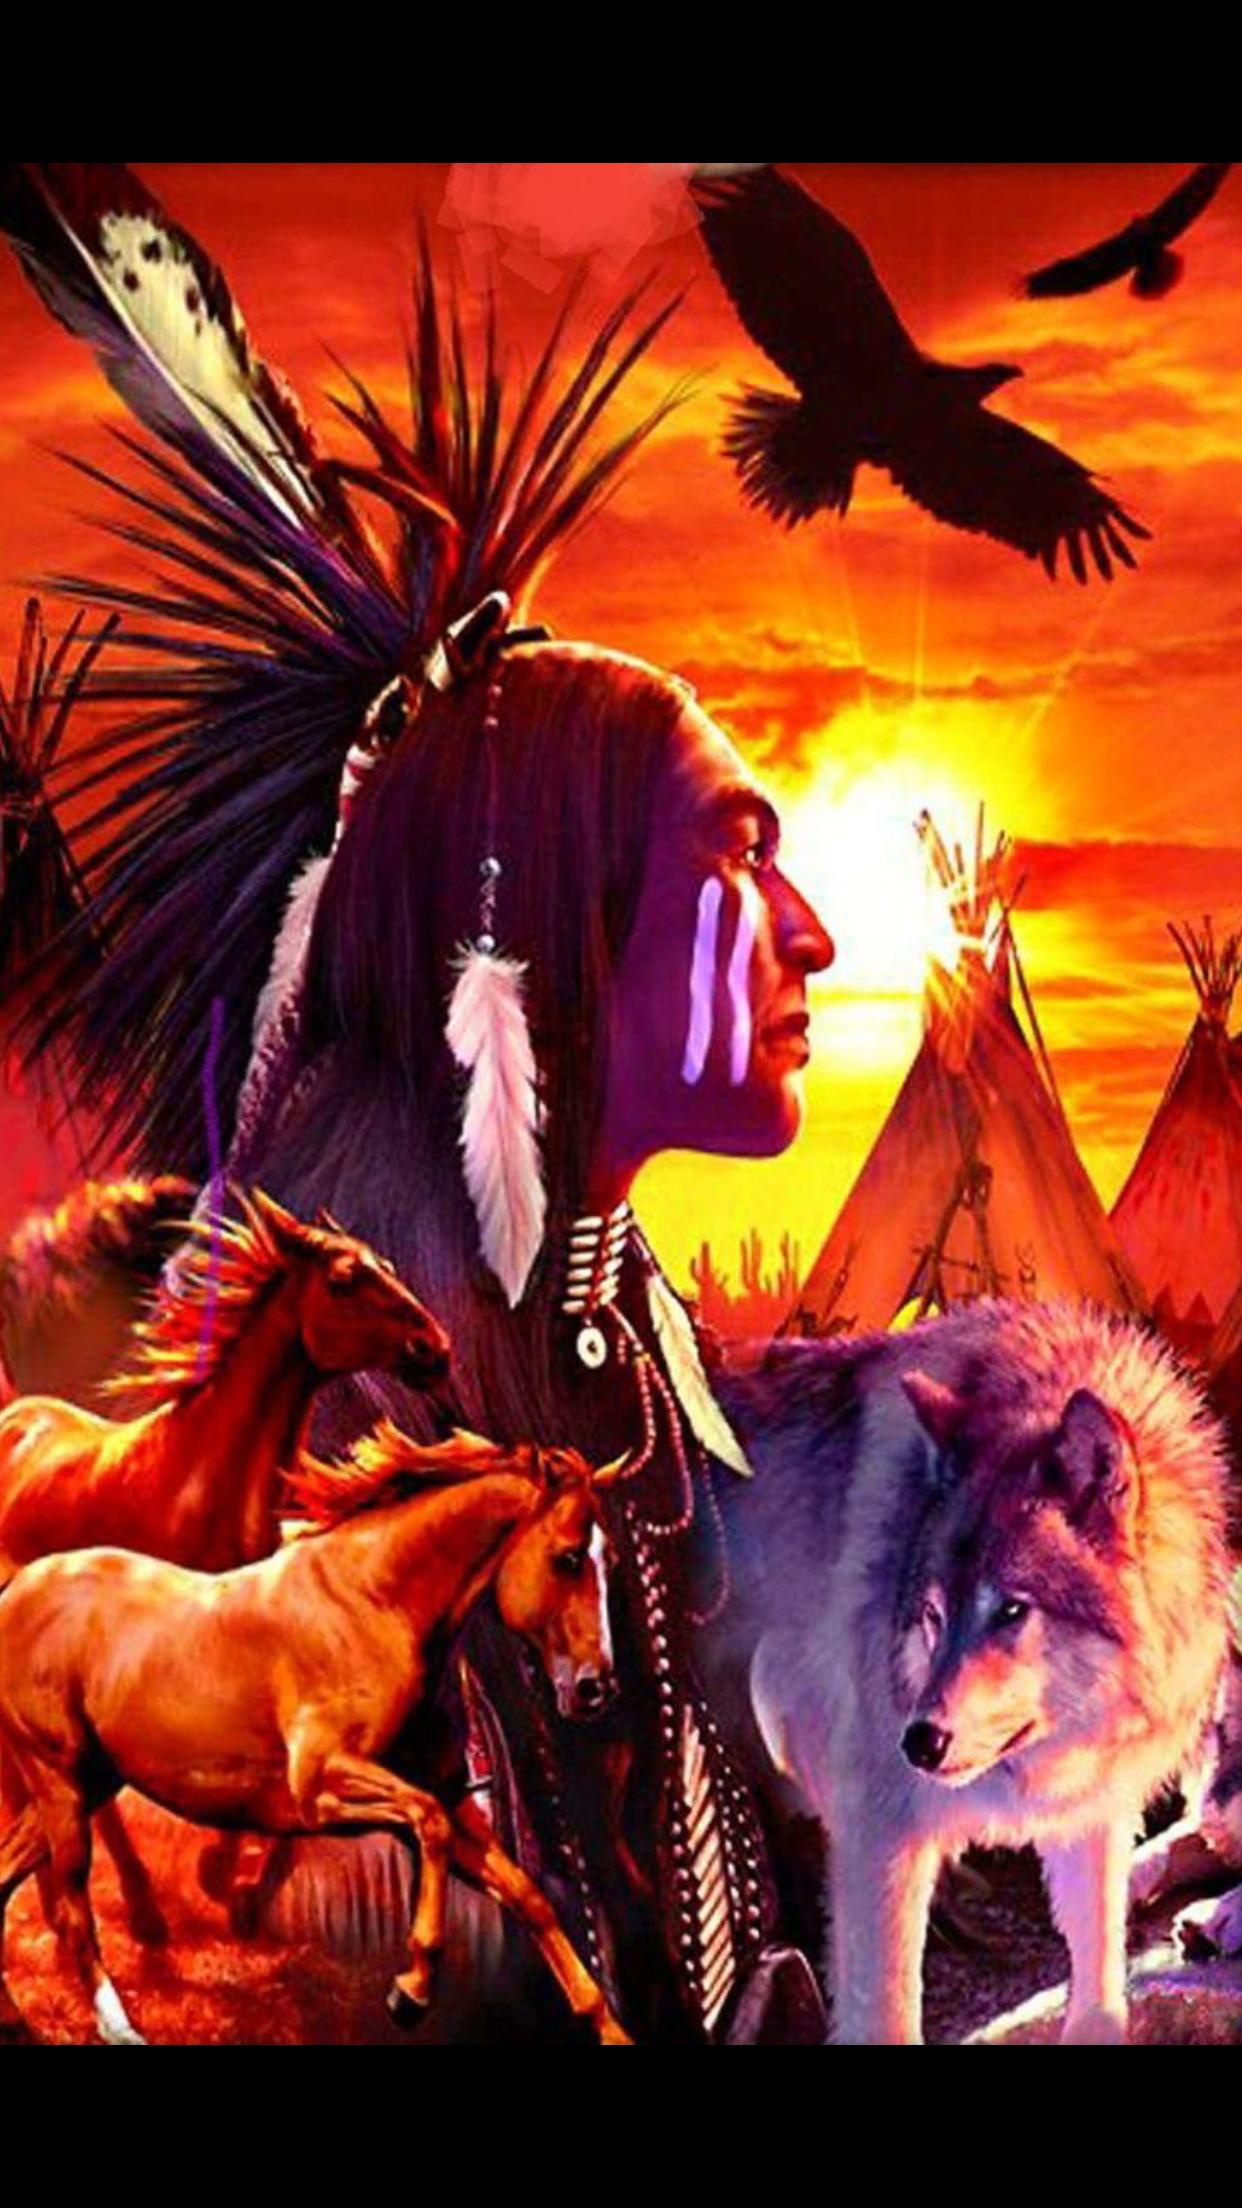 ghim của tran cong trên tribe có hình ảnh  hình xăm hình